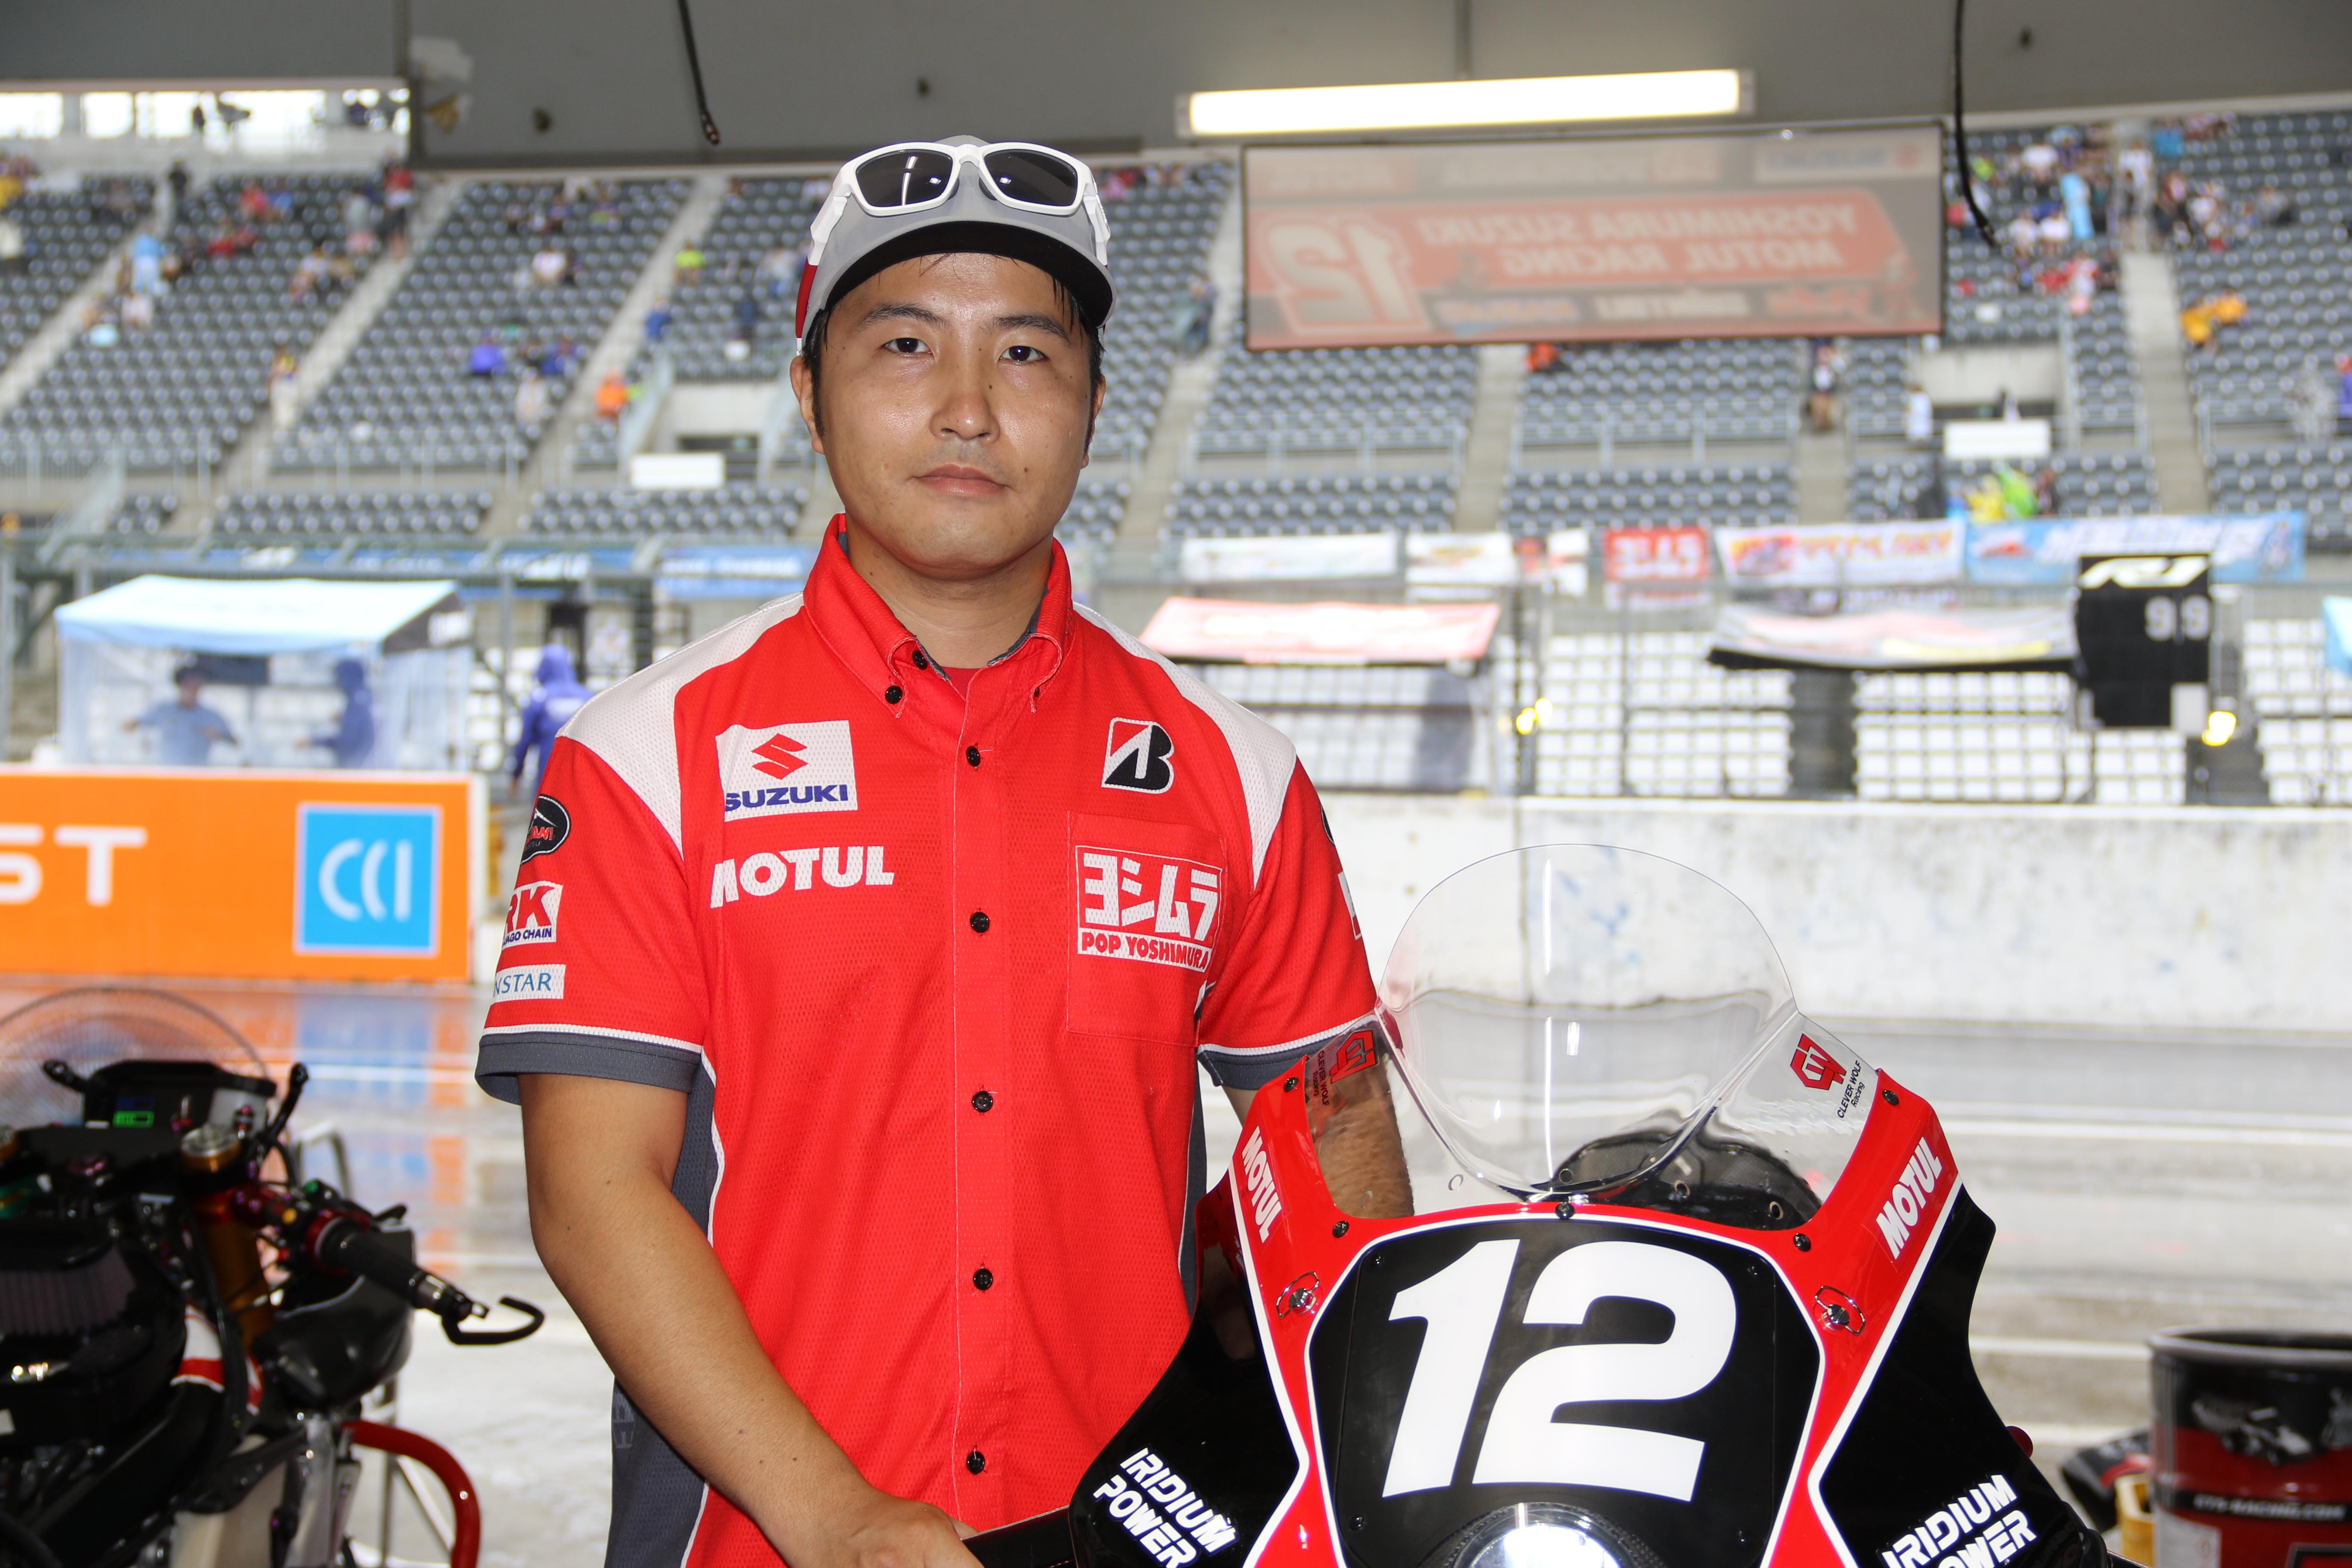 ヤマハ・ホンダ・カワサキワークスに挑むプライベーターの雄「ヨシムラ」 2019年の8耐にかける思いとは